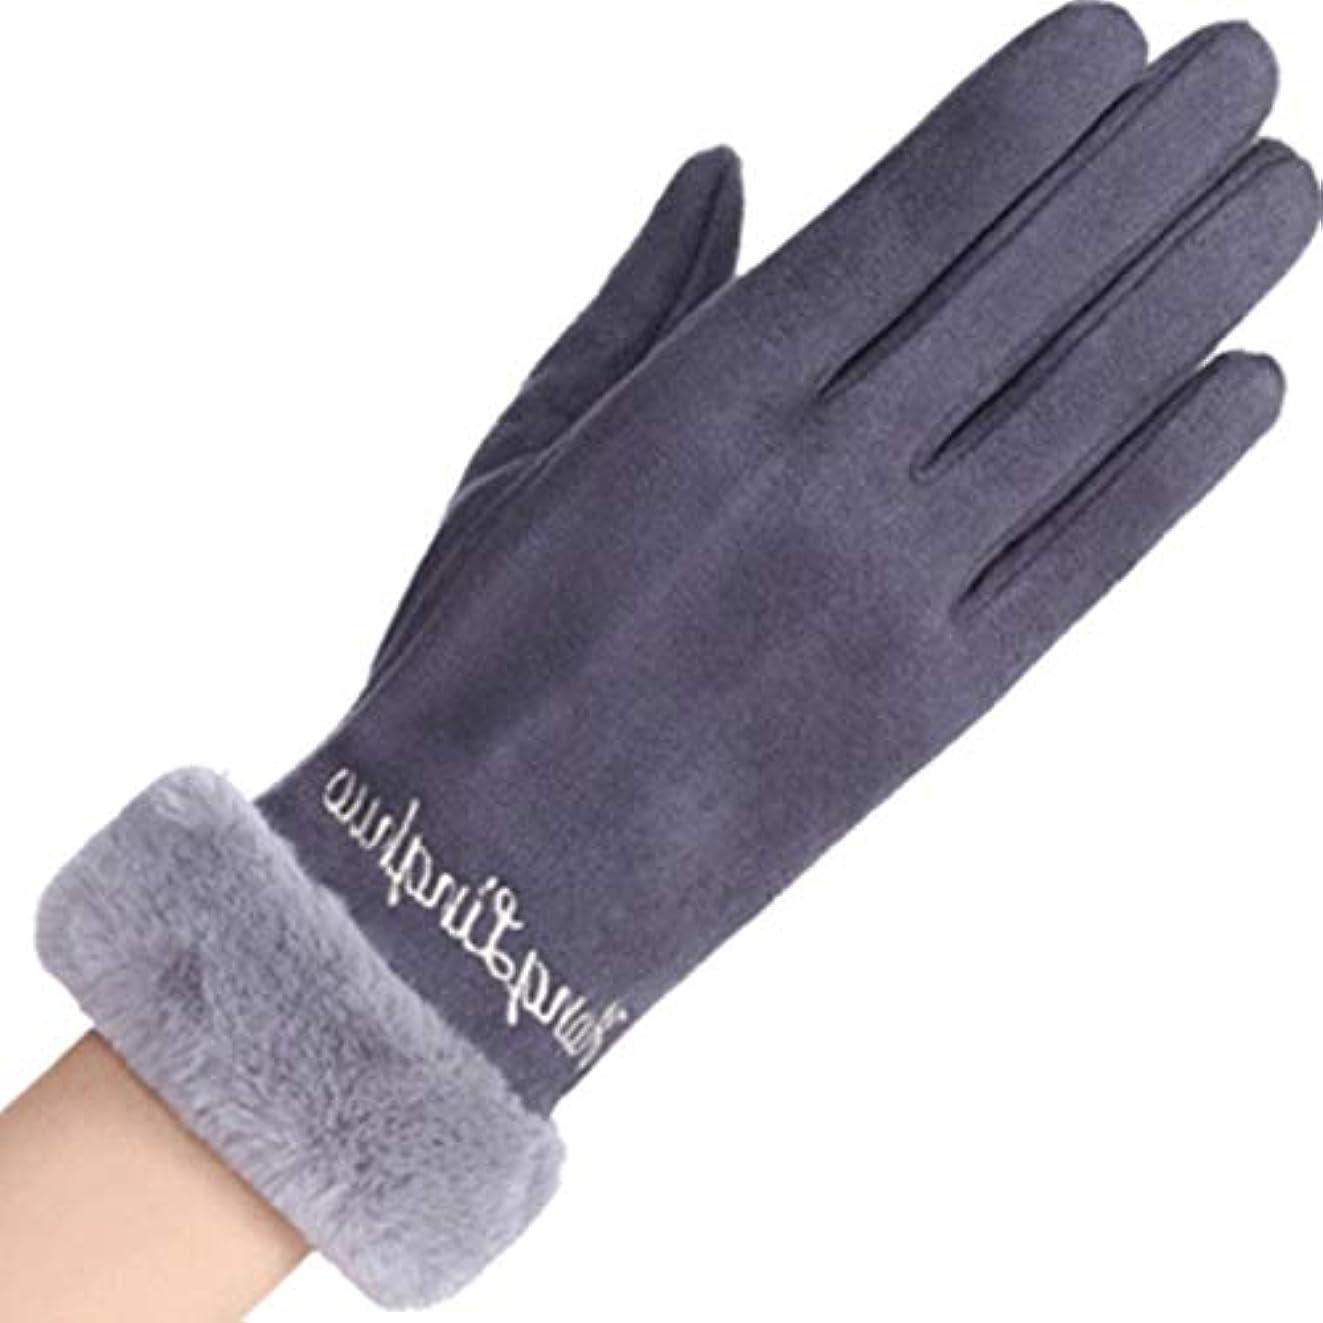 リスナー罹患率写真を撮る手袋の女性の暖かいタッチスクリーンの携帯電話春と秋の冬の防風レターレディースウール手袋黒灰色の粉 (色 : Gray)